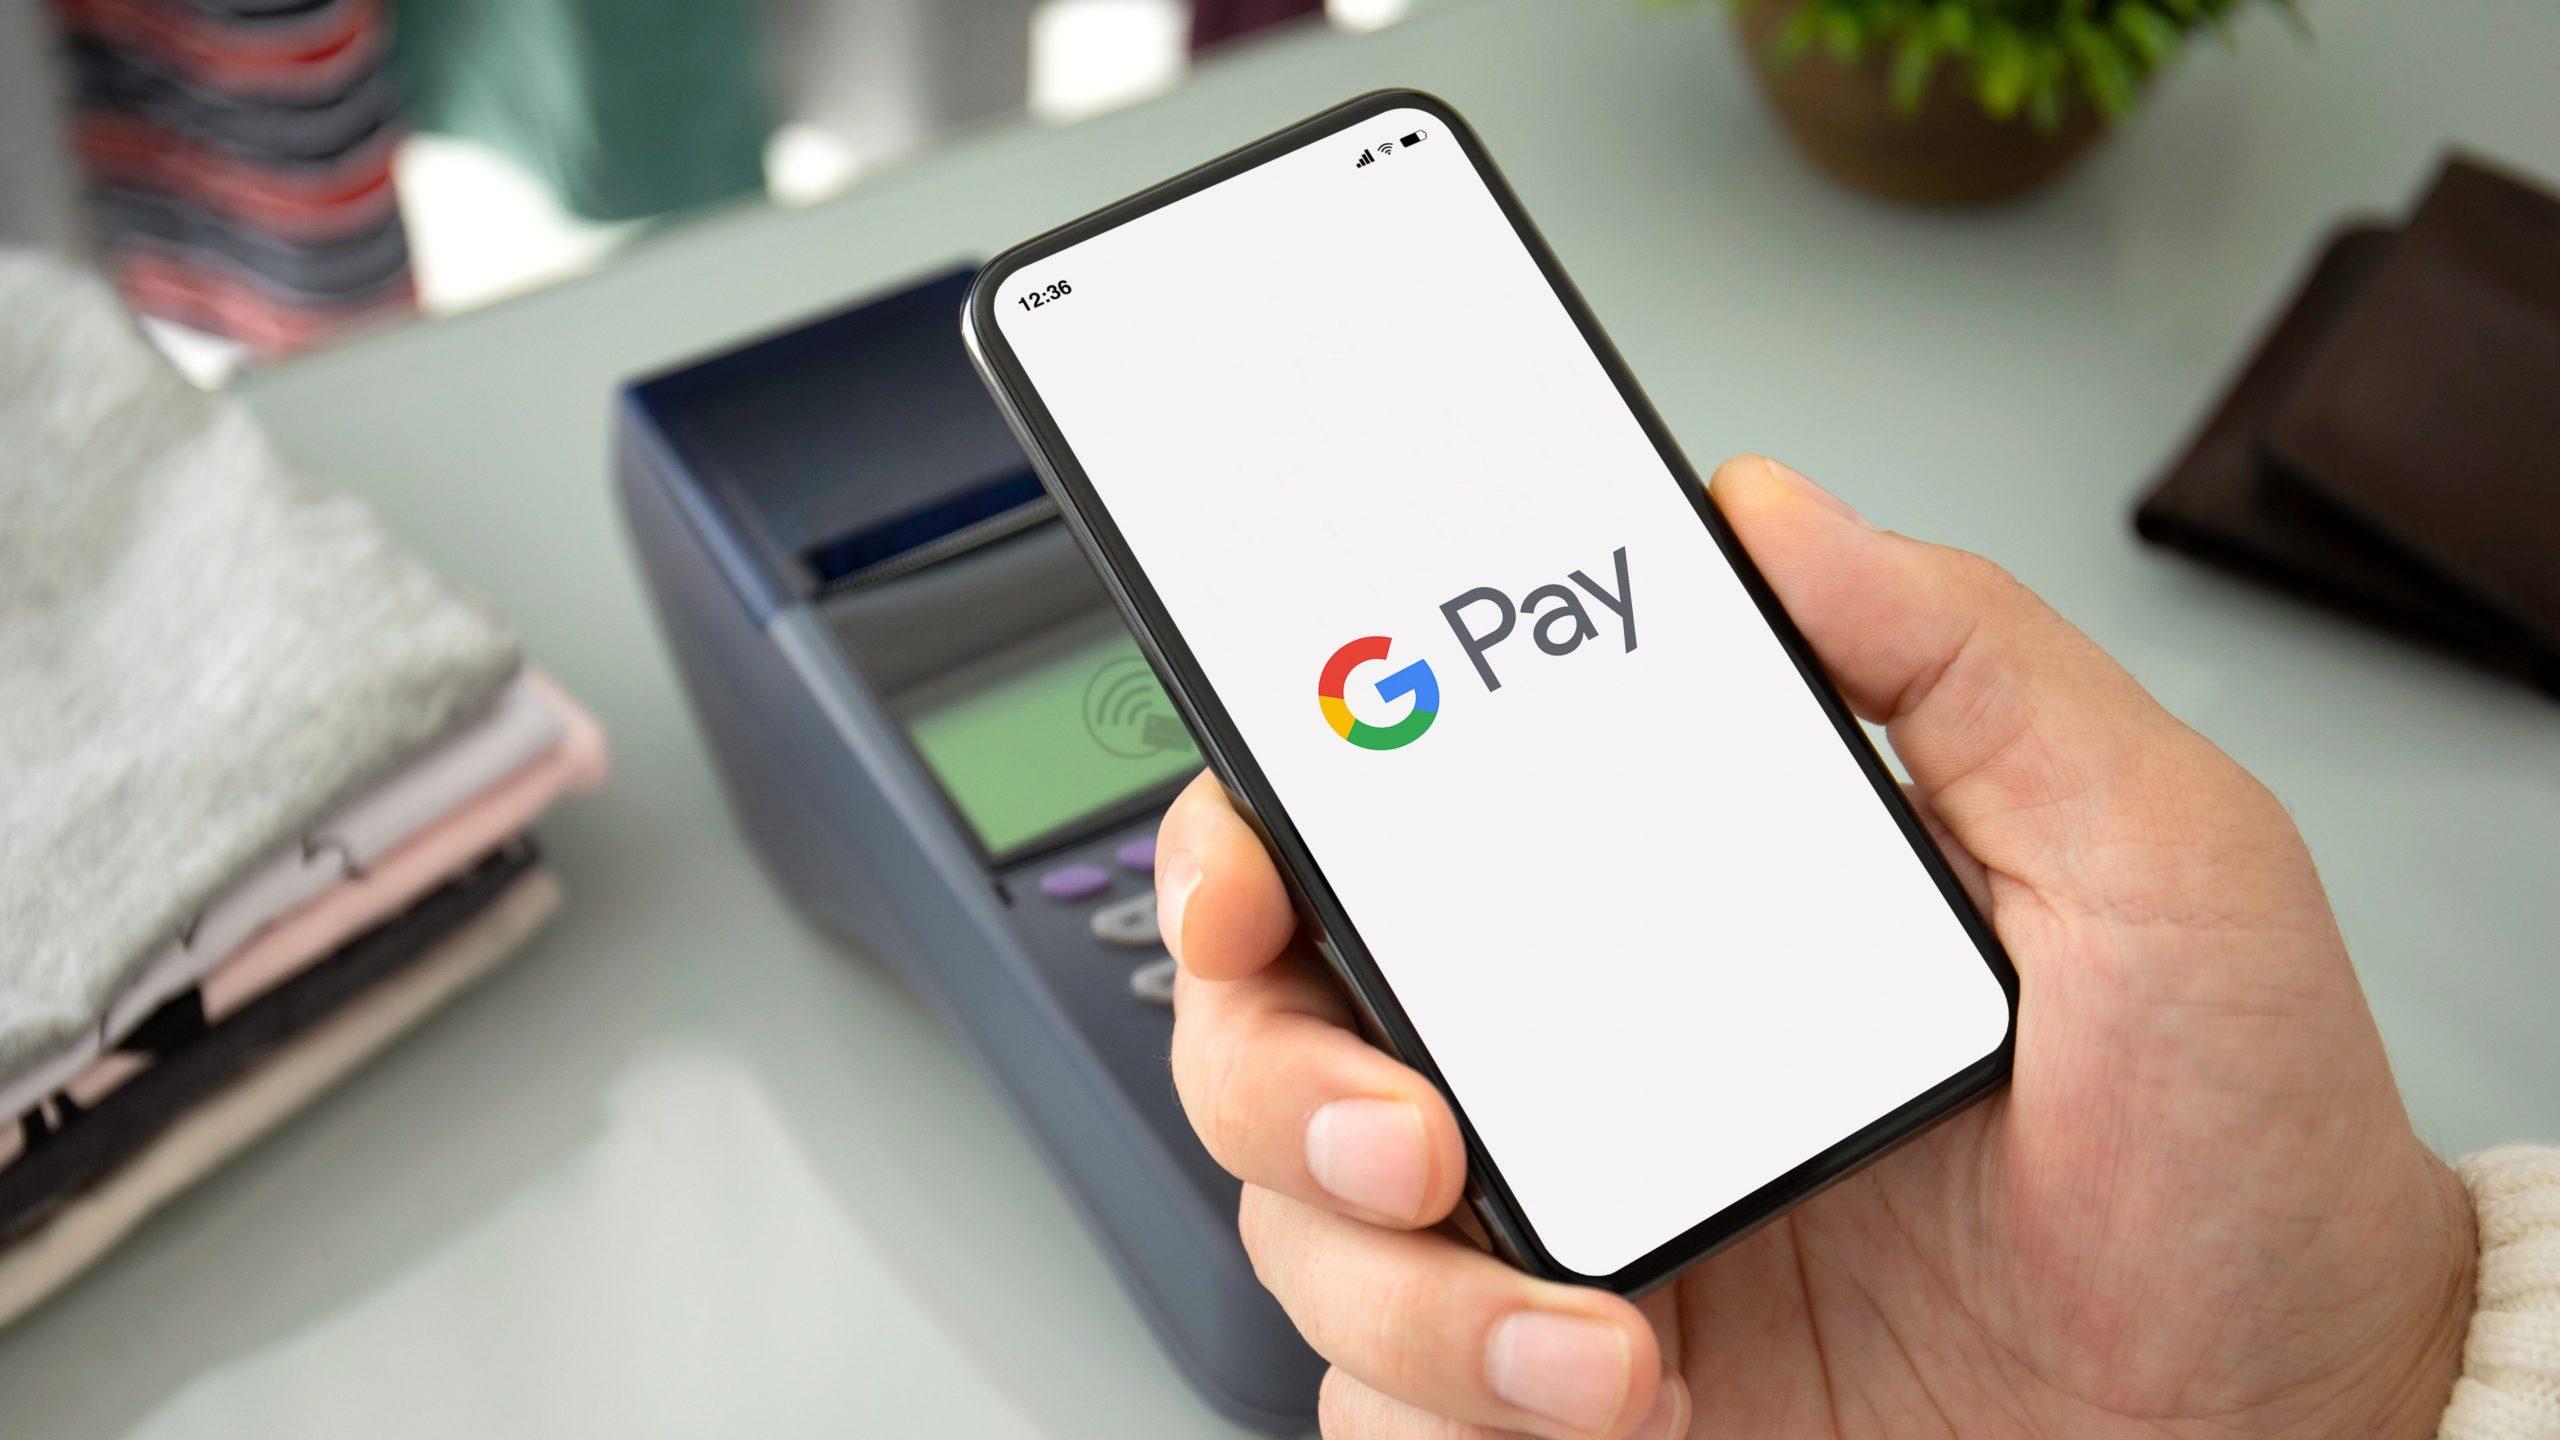 Διαθέσιμη στην Ελλάδα η εφαρμογή Google Pay - ΒΙΝΤΕΟ